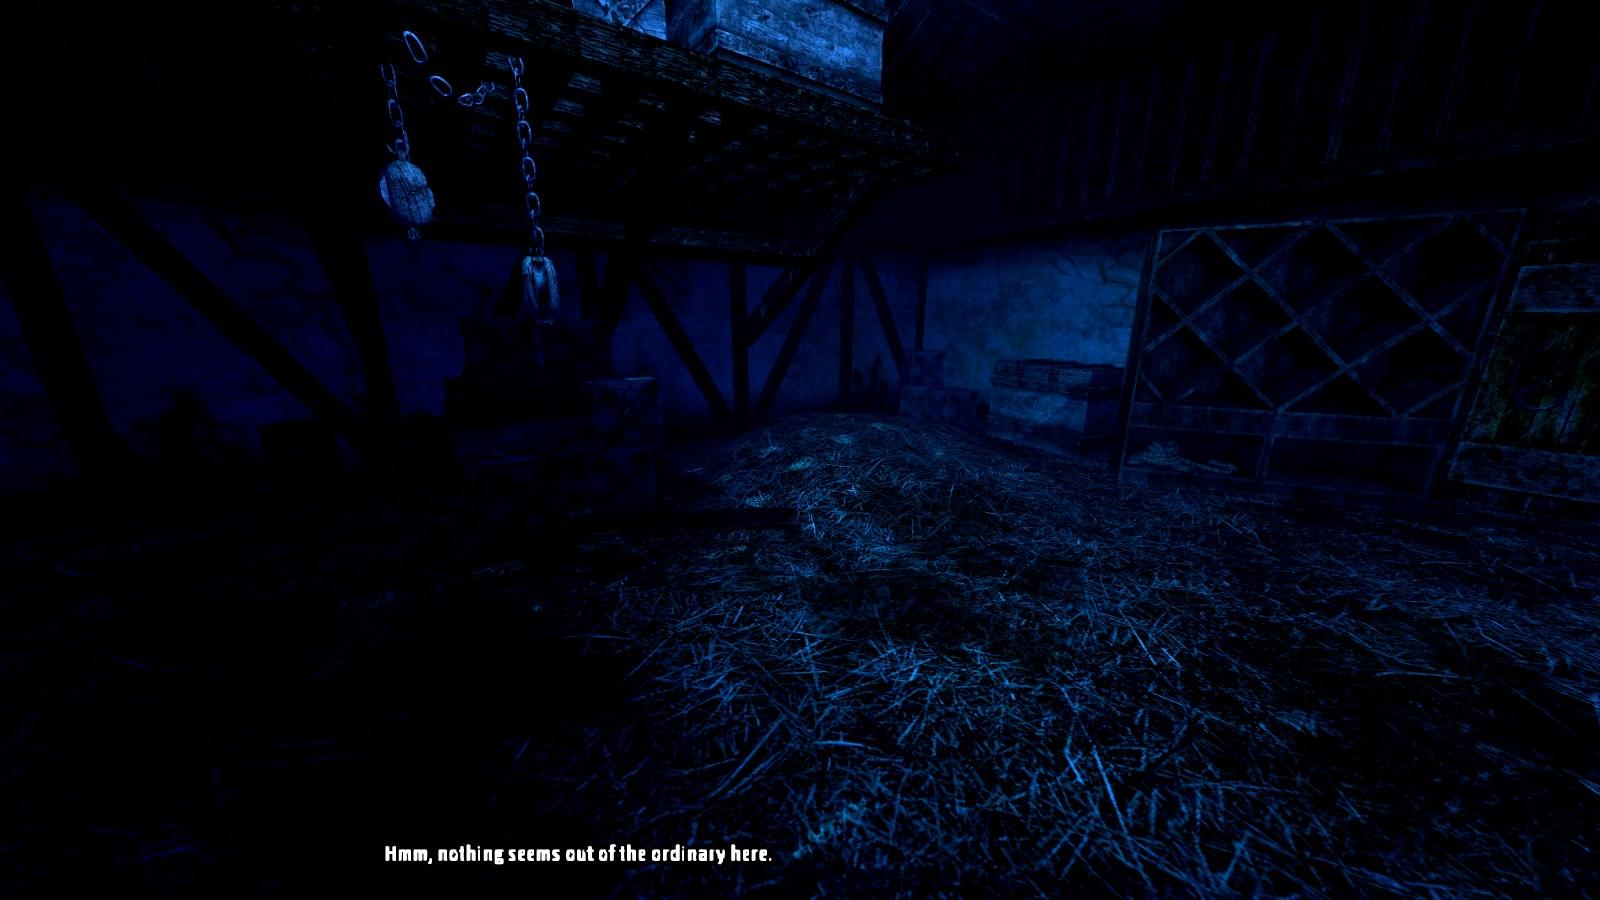 Amnesia: The Dark Descent - The Barn's Secrets